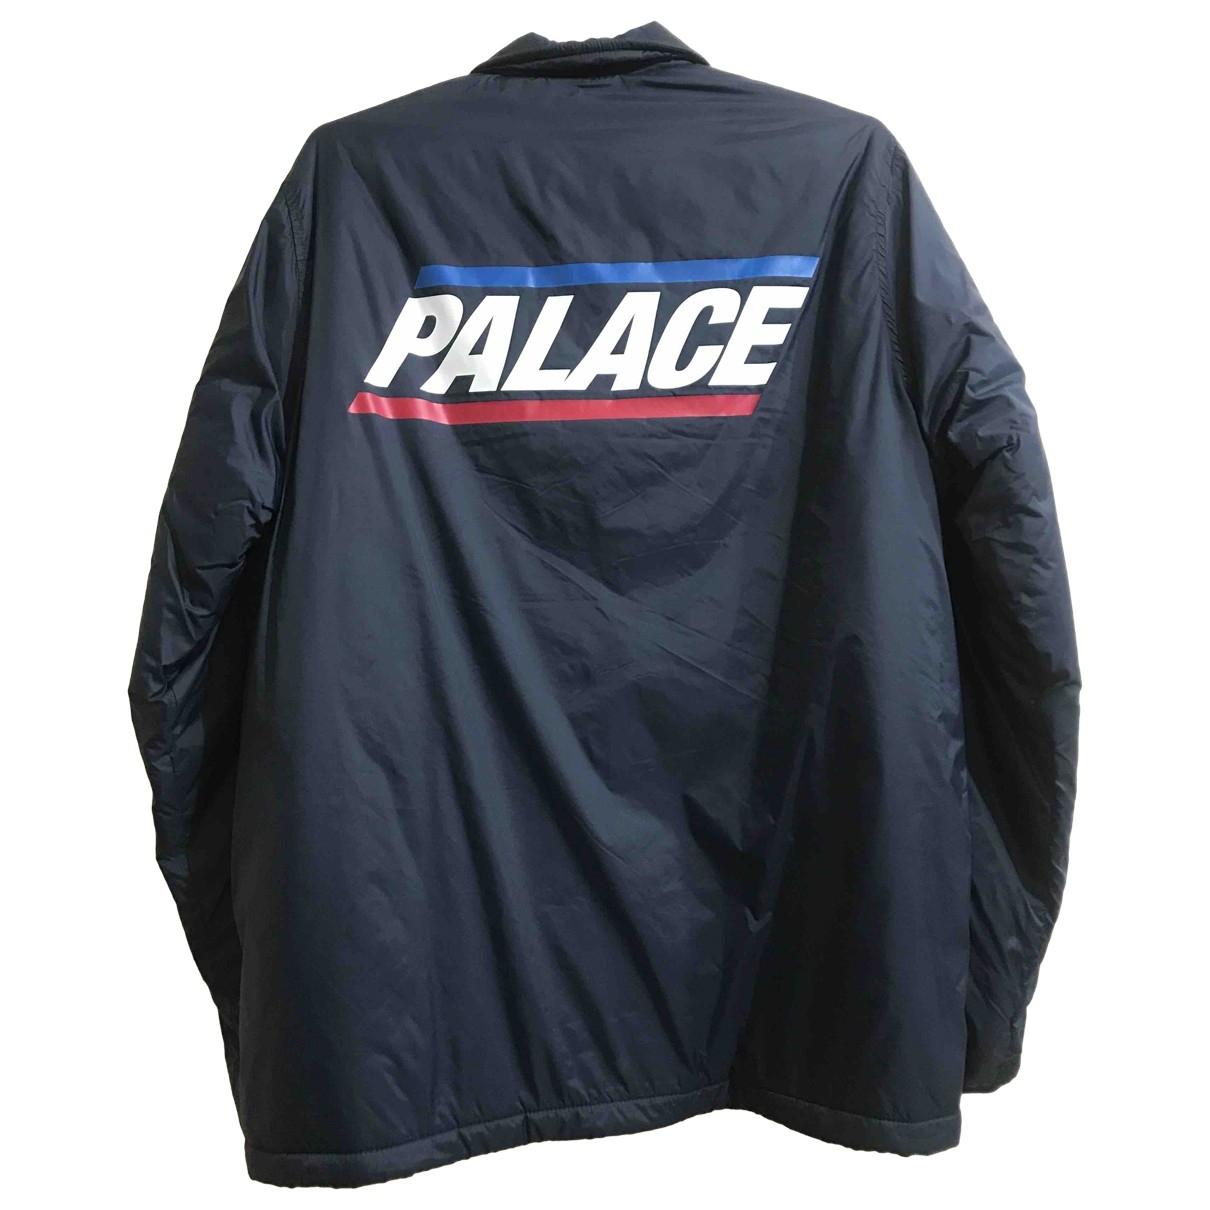 Palace - Vestes.Blousons   pour homme - marine